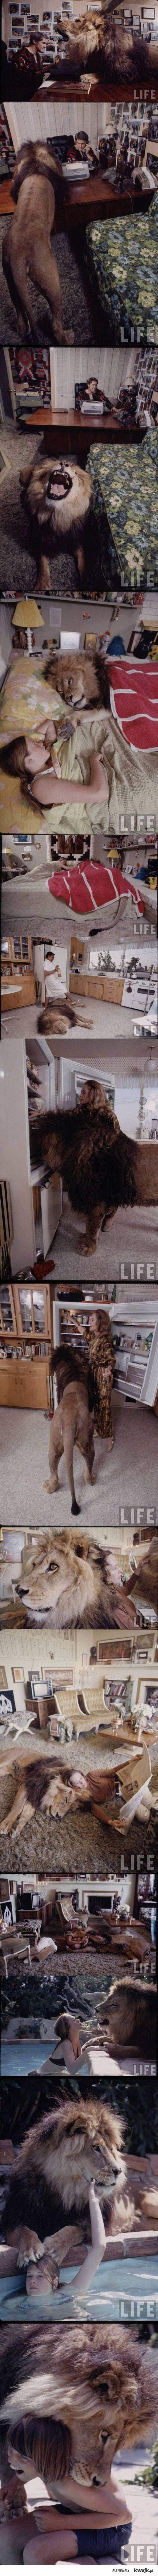 zwierzątko domowe :)